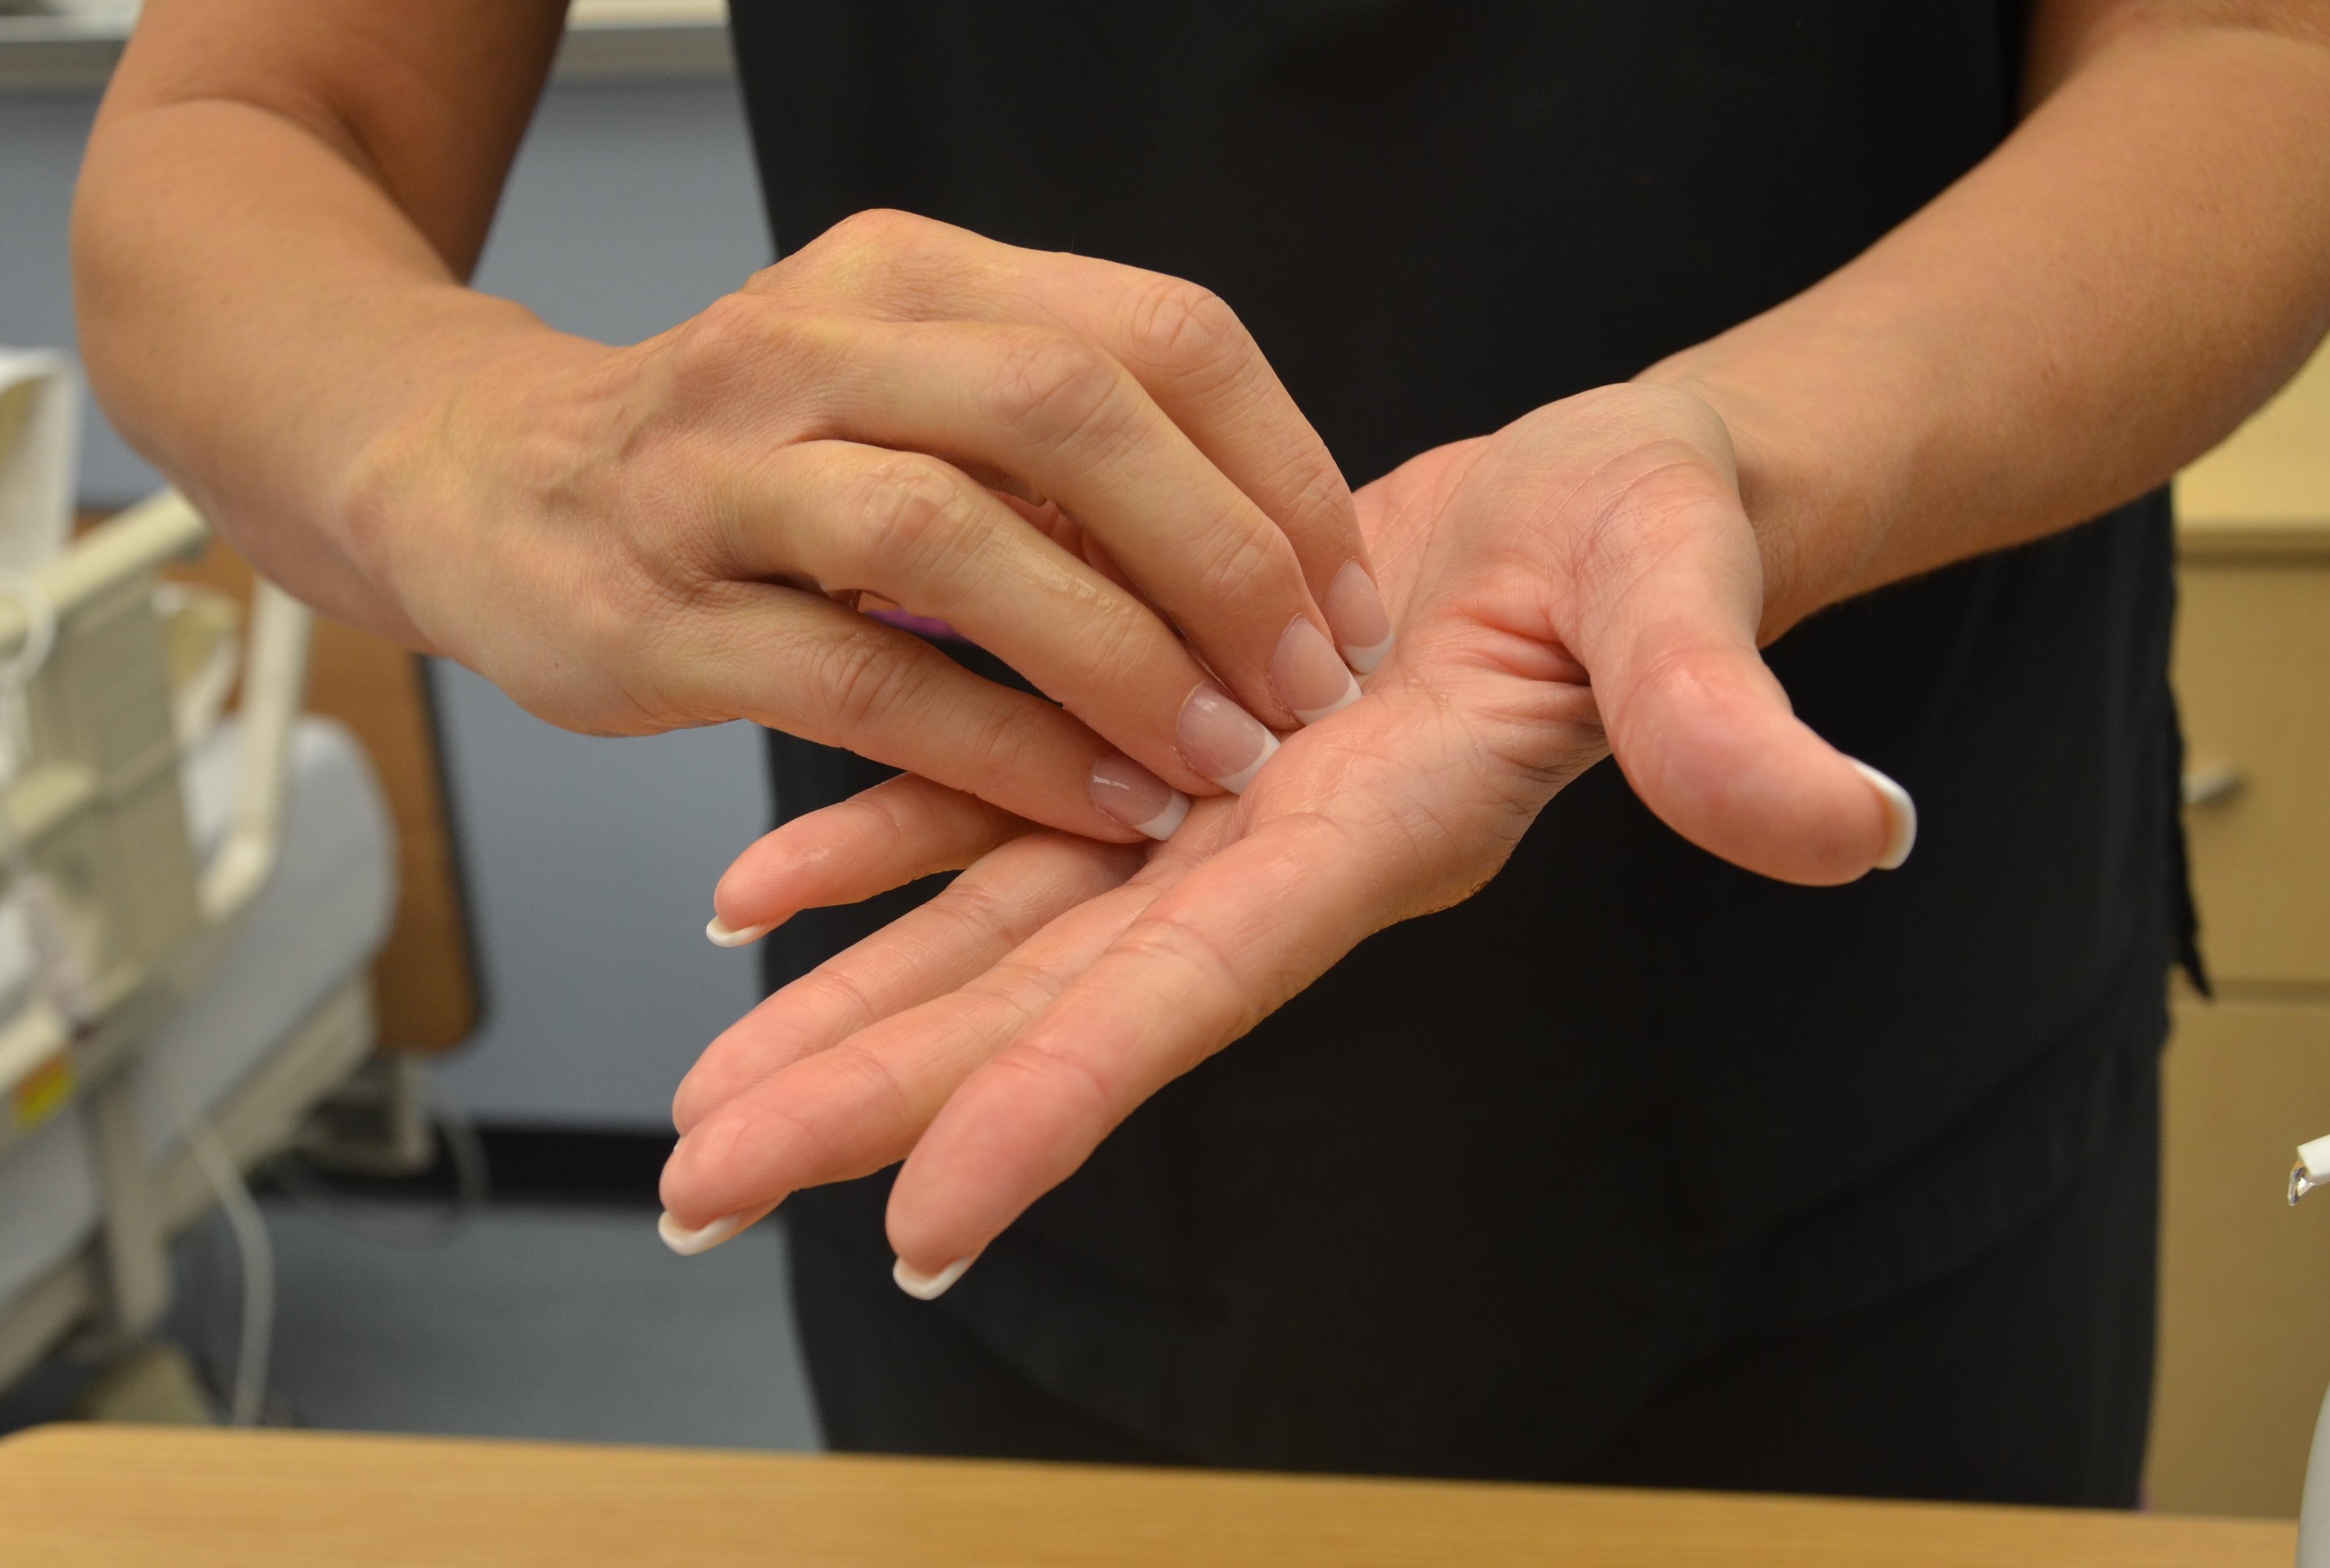 5 ошибок, которые надо избегать во время мытья рук зимой